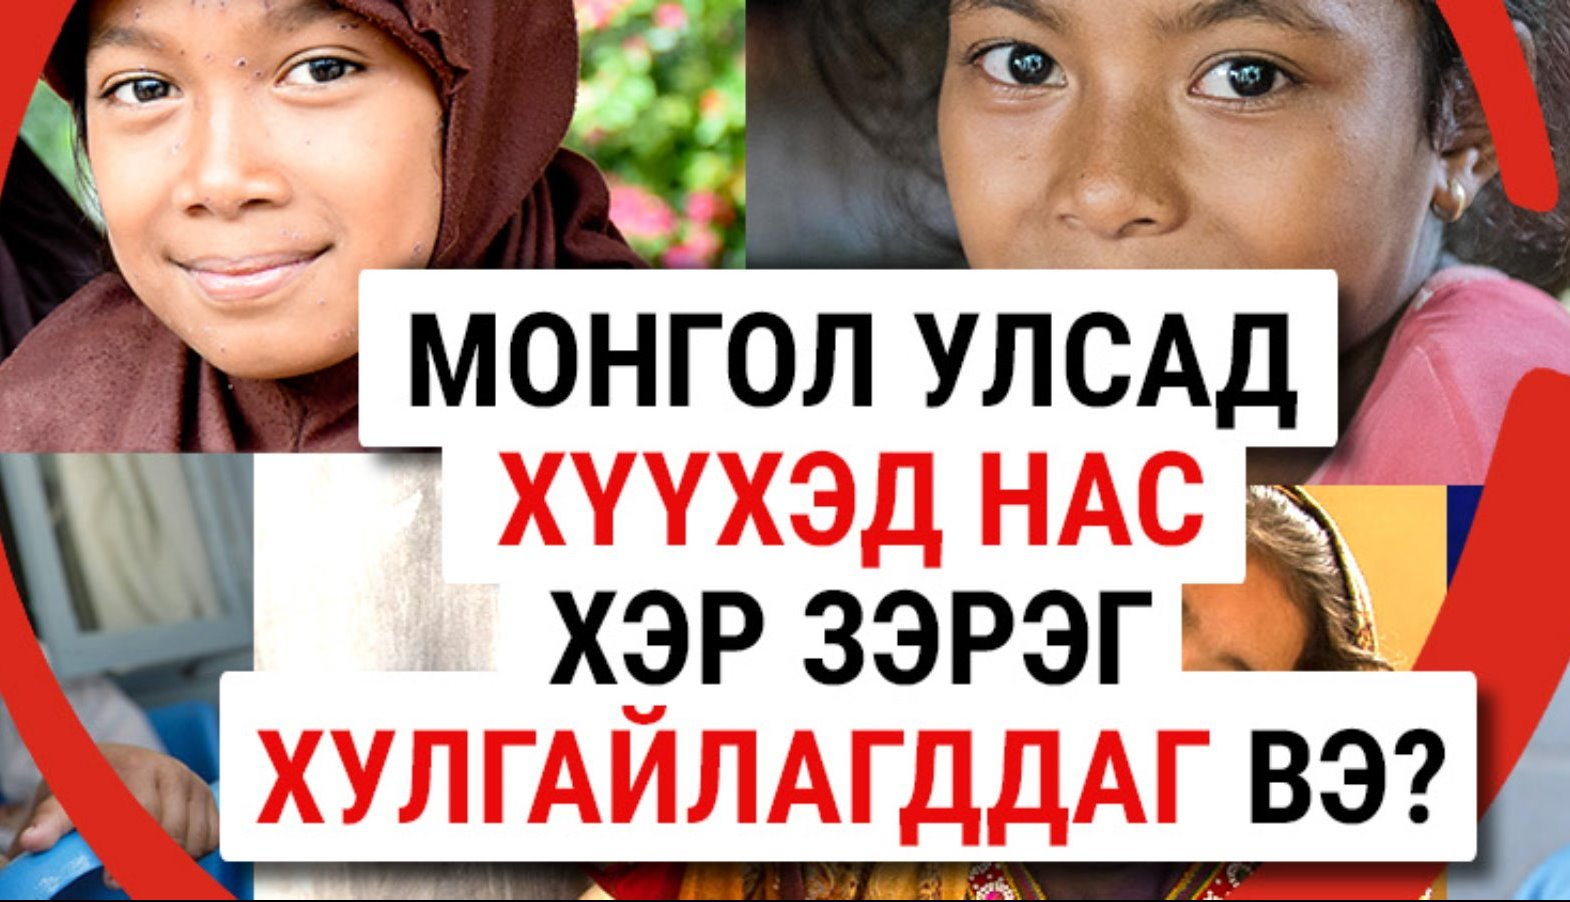 """244d1a2c51f72efae43d739e99ac4b72 Хүүхэд насыг """"Хулгайлсан"""" үзүүлэлтээрээ Монгол Улс дэлхийн 175 орноос 71-т жагсжээ"""